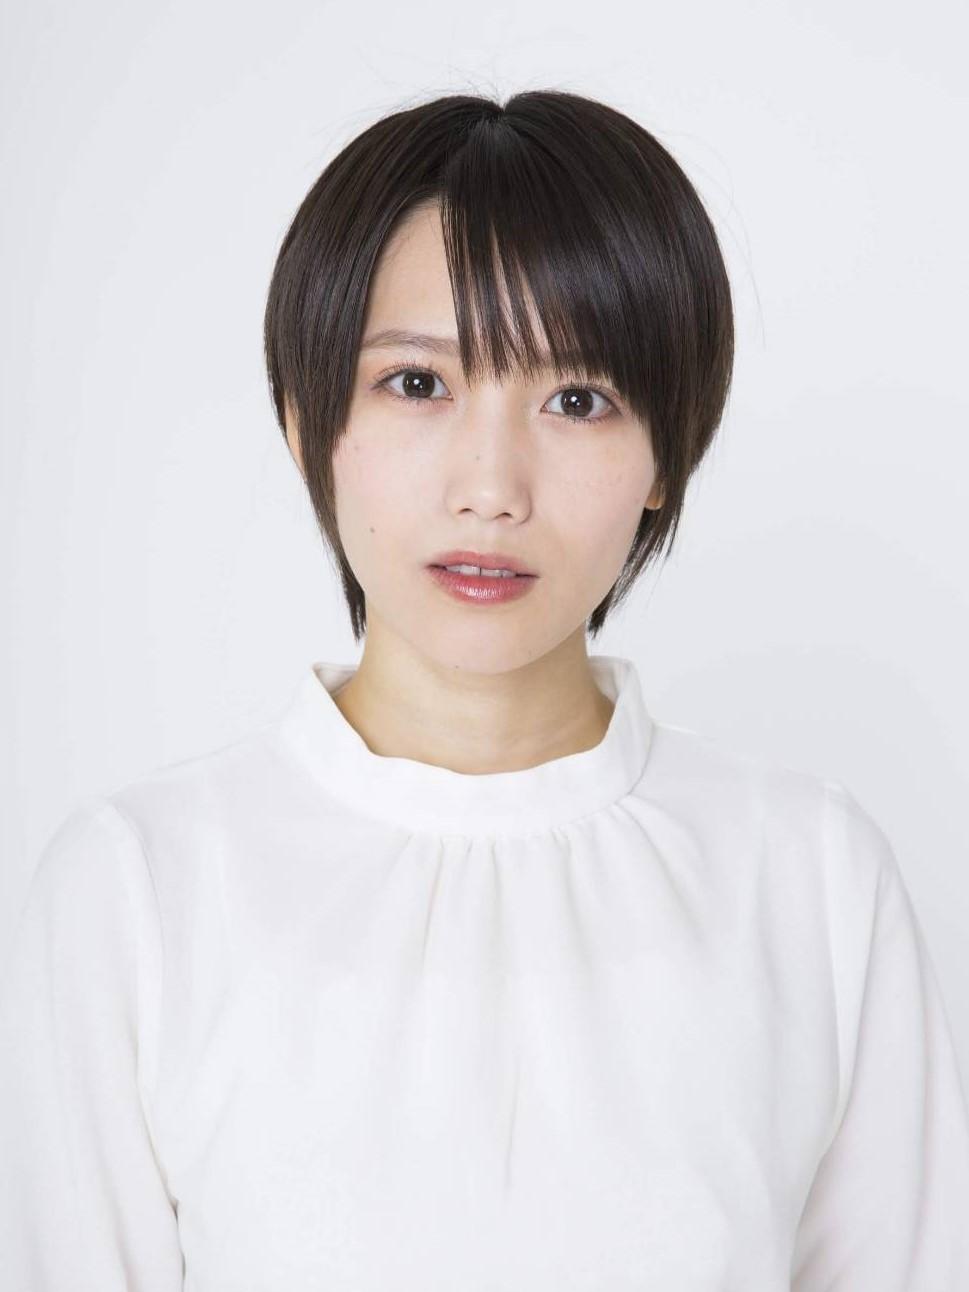 「ナナマル サンバツ」舞台化第3弾、スペシャル公演のゲスト解禁 イメージ画像